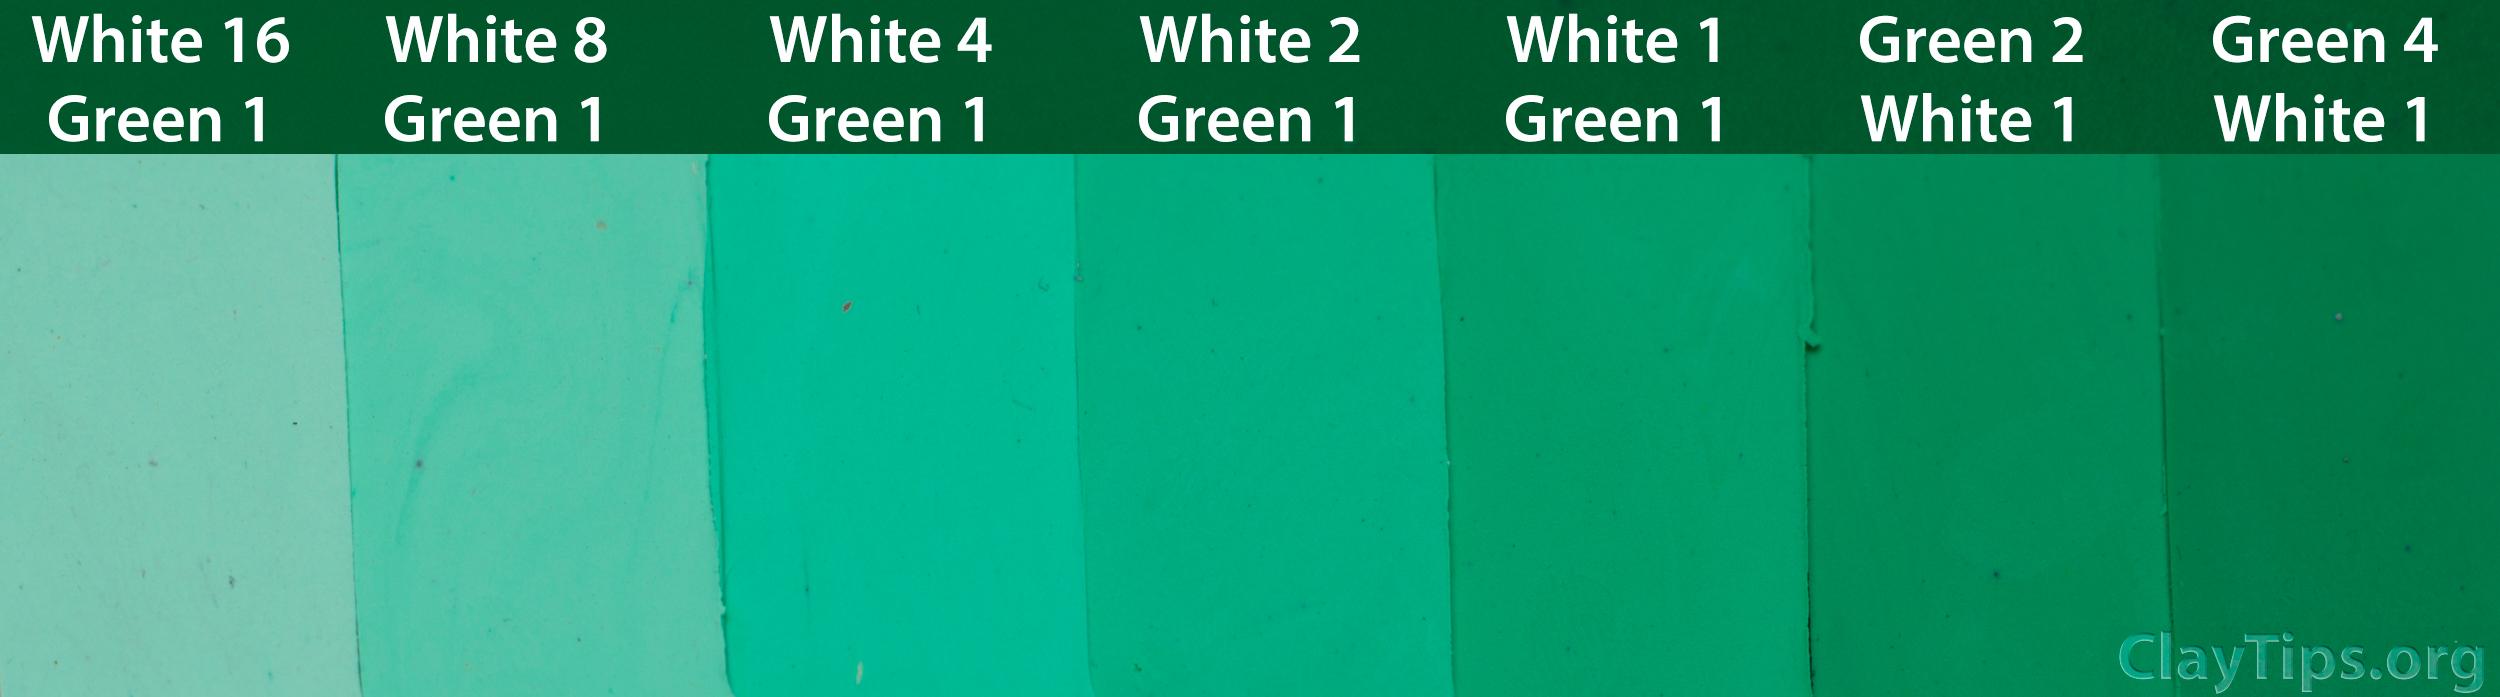 Green and White Plasticine